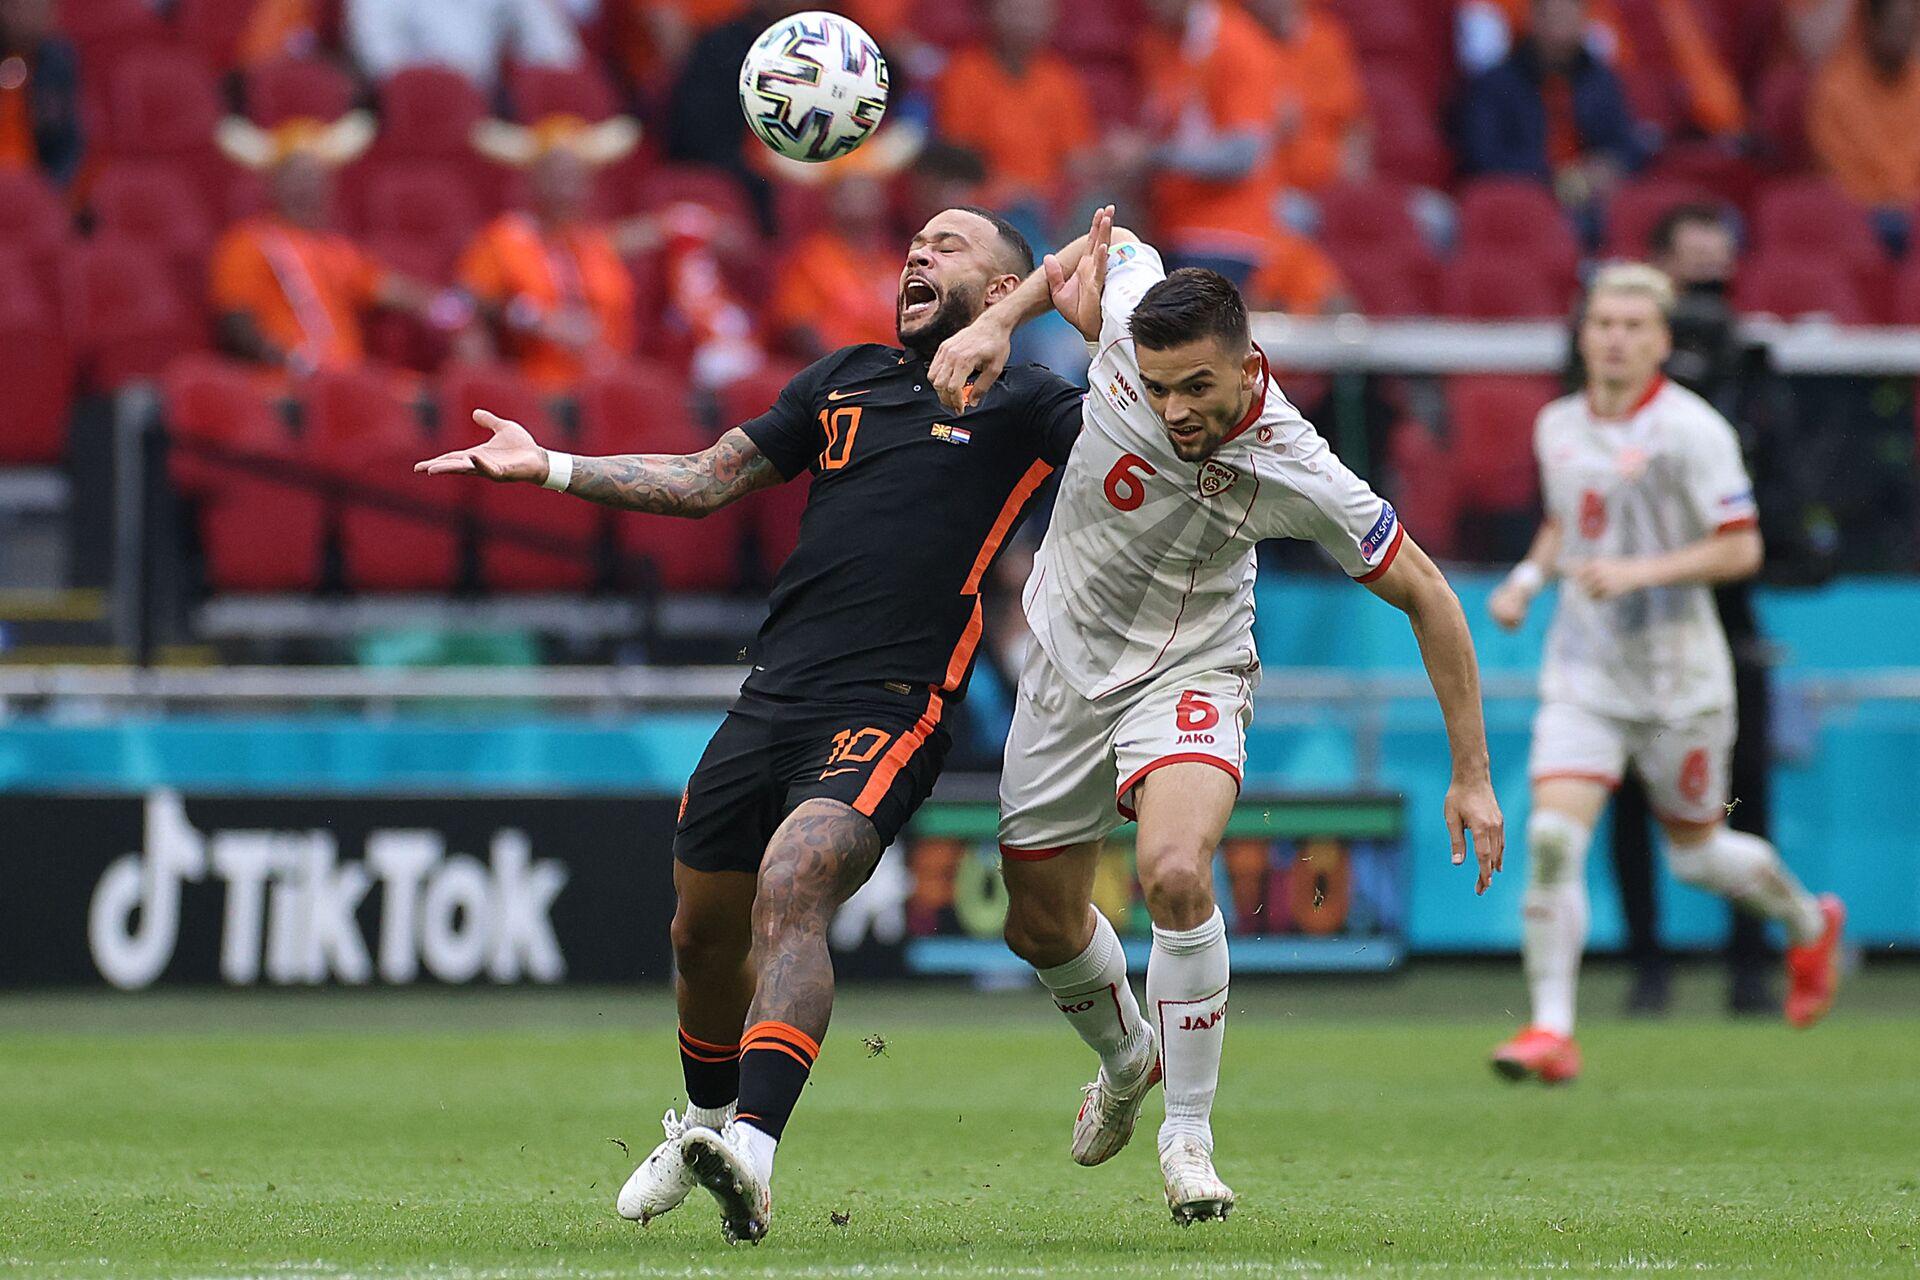 ЕURО 2020: Đội tuyển Bắc Macedonia thua đội tuyển Hà Lan với tỷ số 0:3 - Sputnik Việt Nam, 1920, 22.06.2021